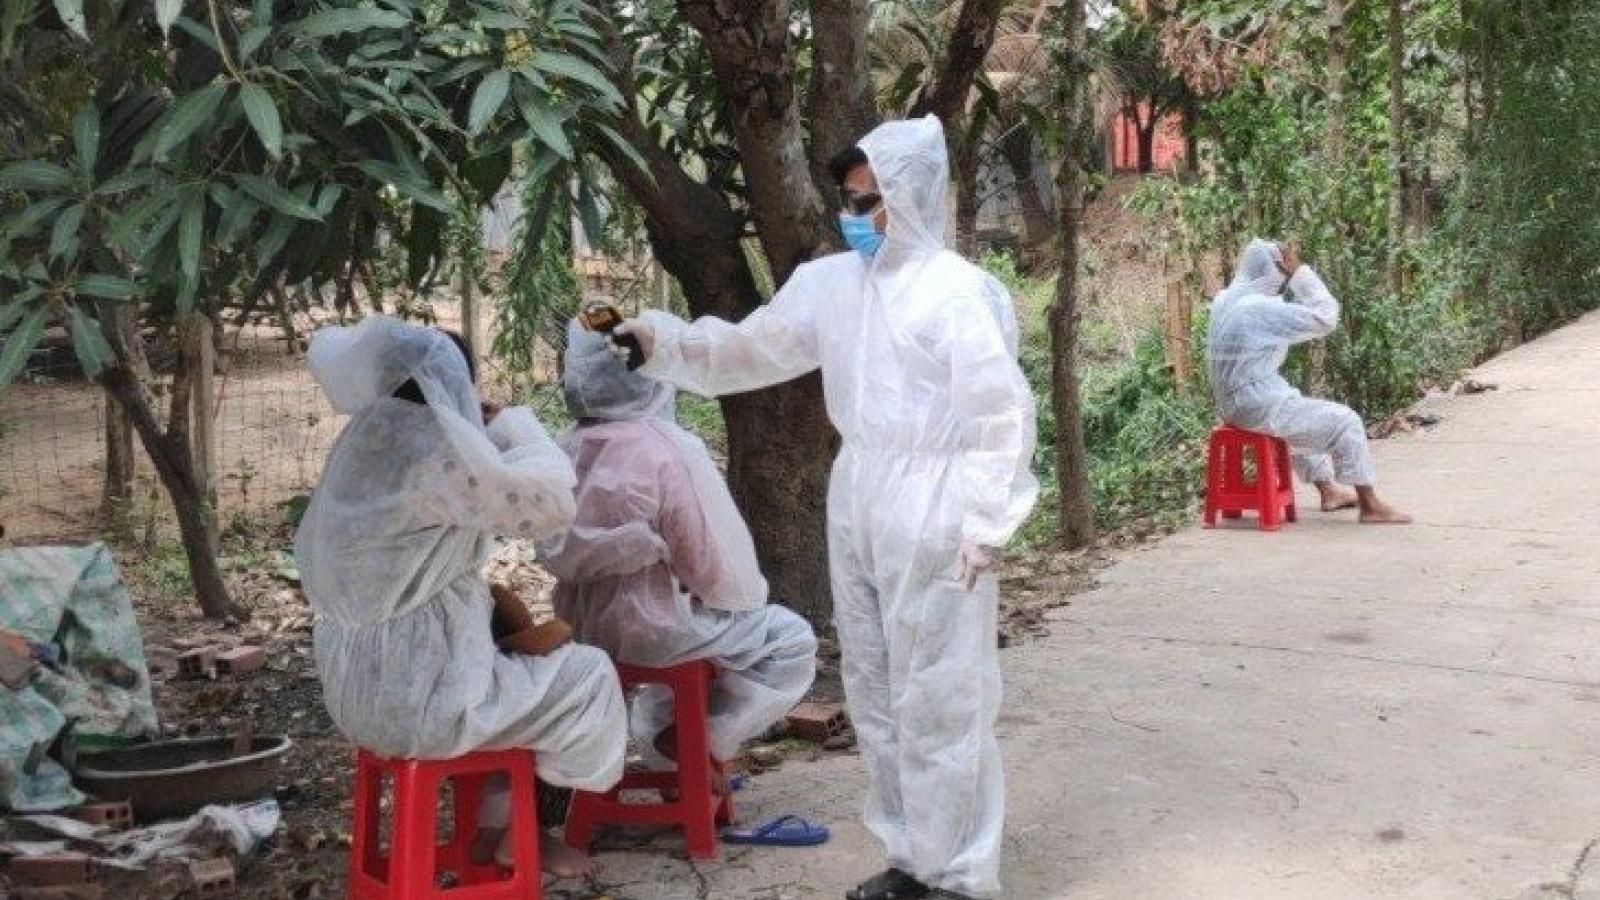 Phát hiện 3 người từ Campuchia nhập cảnh trái phép vào Việt Nam